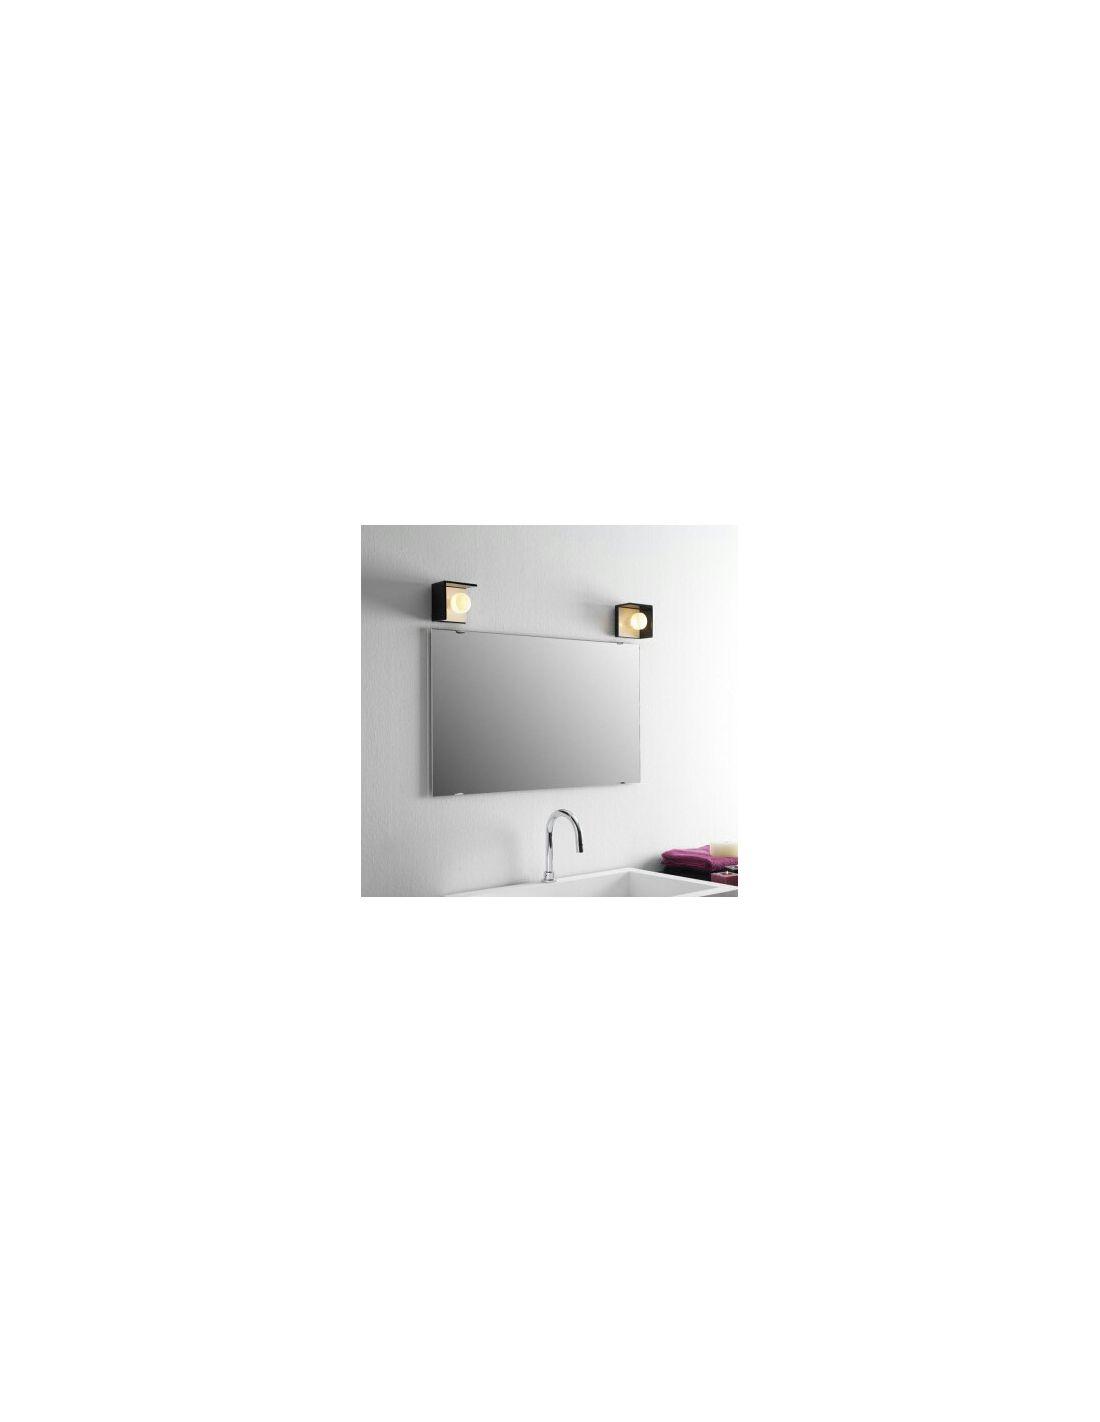 Lamparas Para Baño Baratas:Apliques Espejo Baño